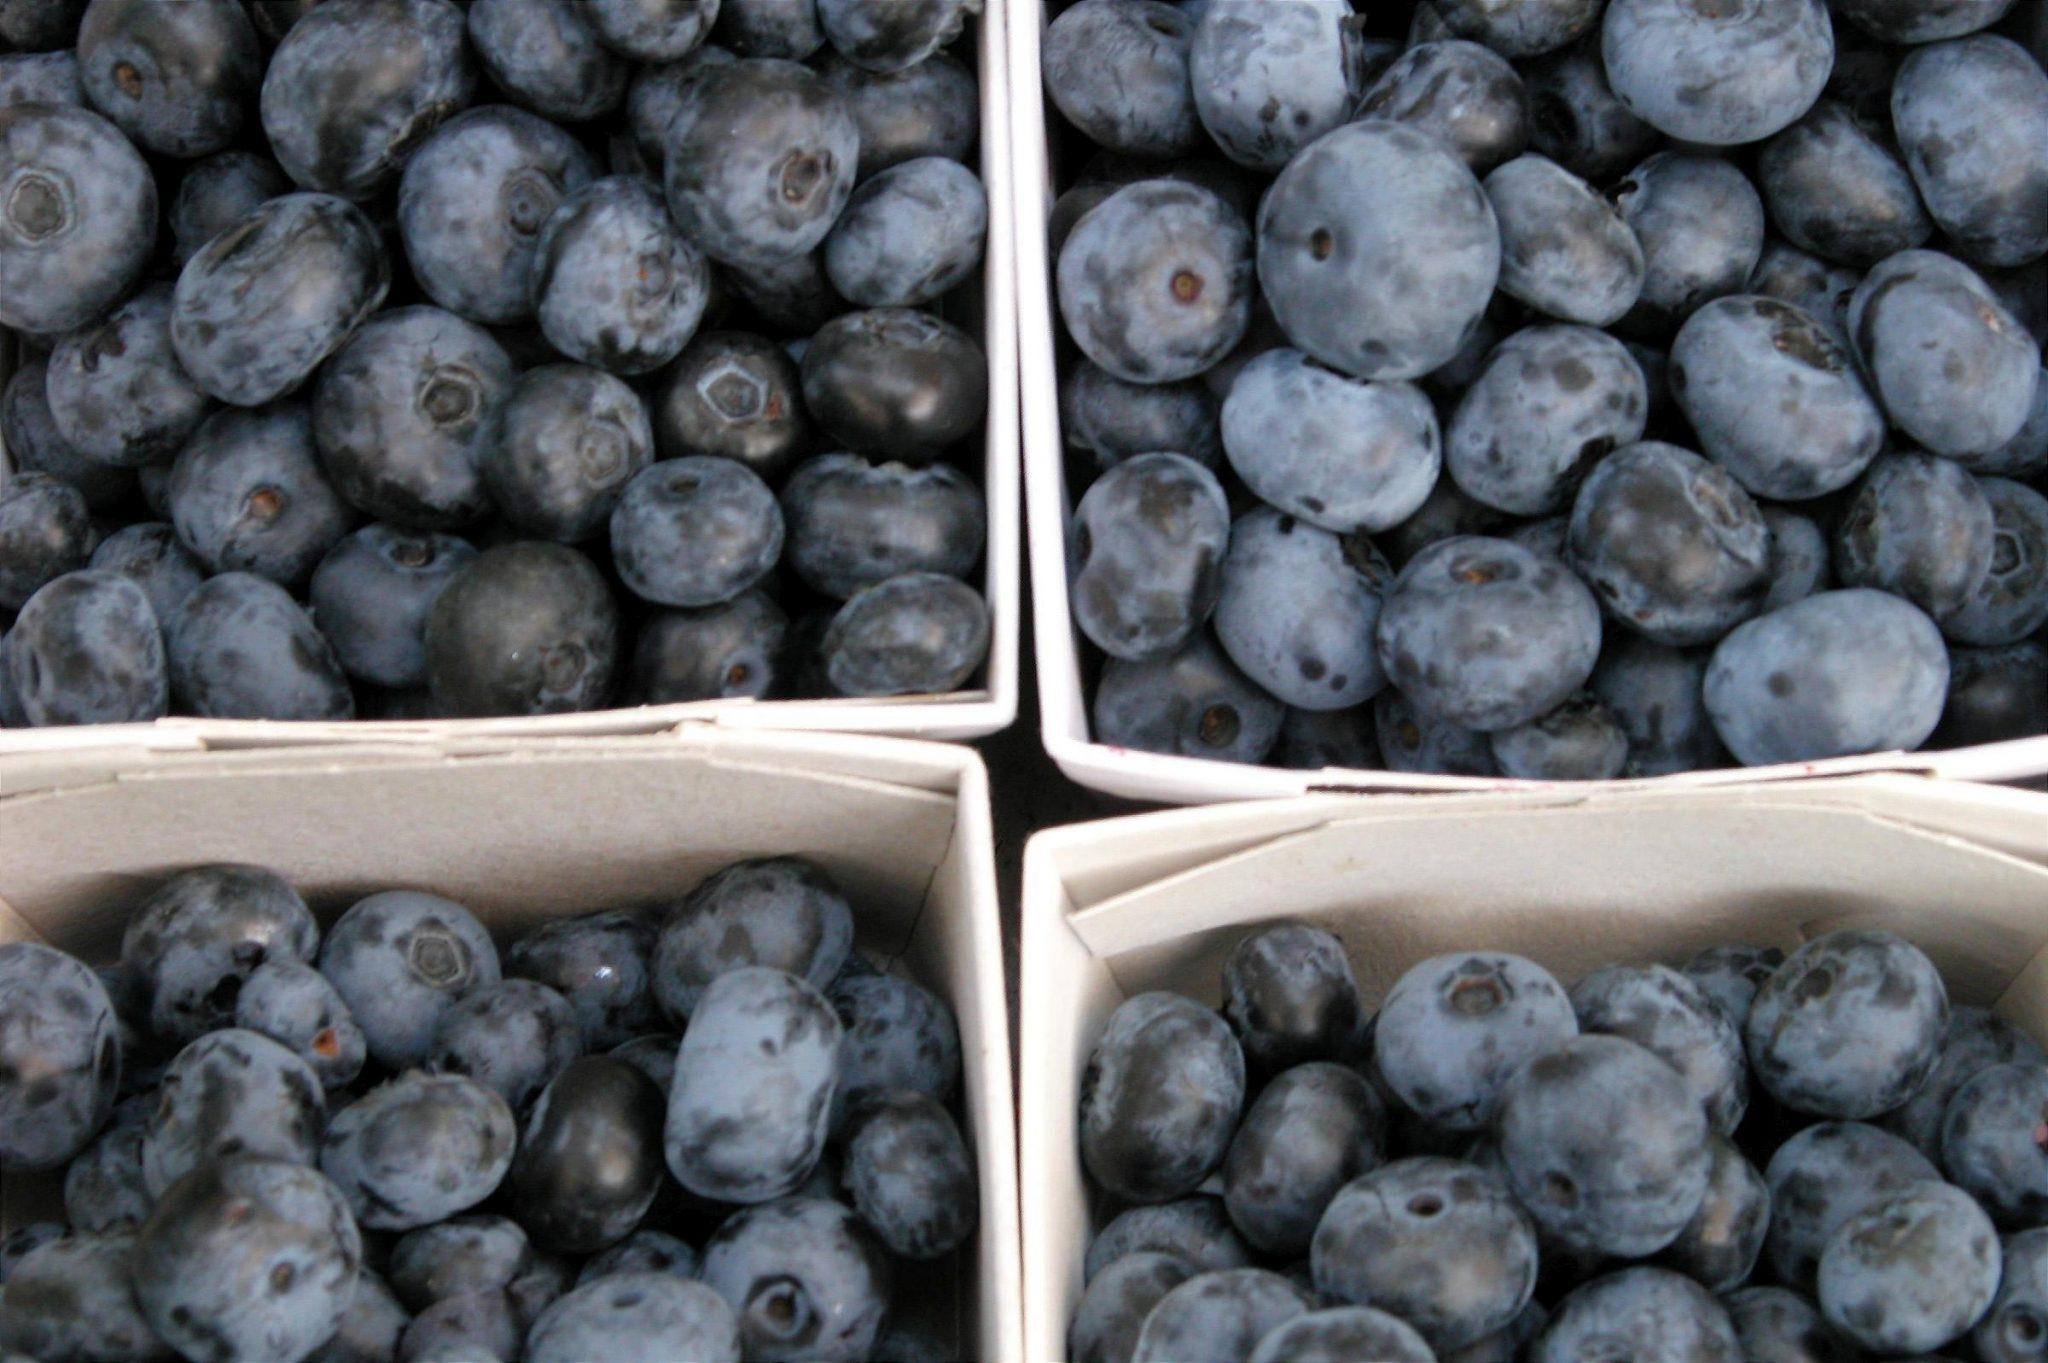 Growing Blueberries is Easy